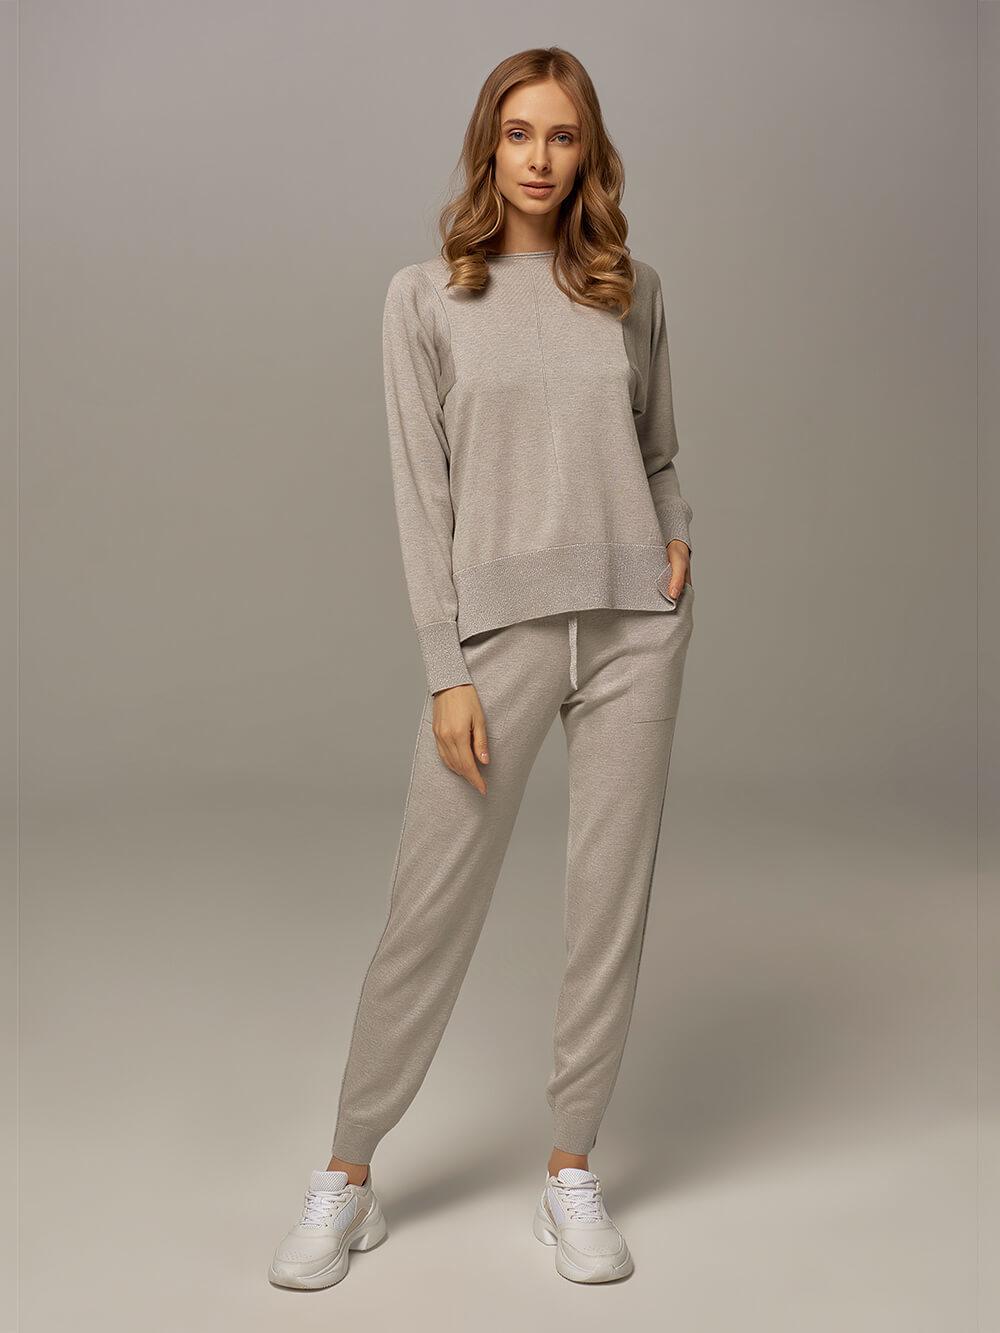 Женские брюки цвета серый меланж из шелка и кашемира - фото 1